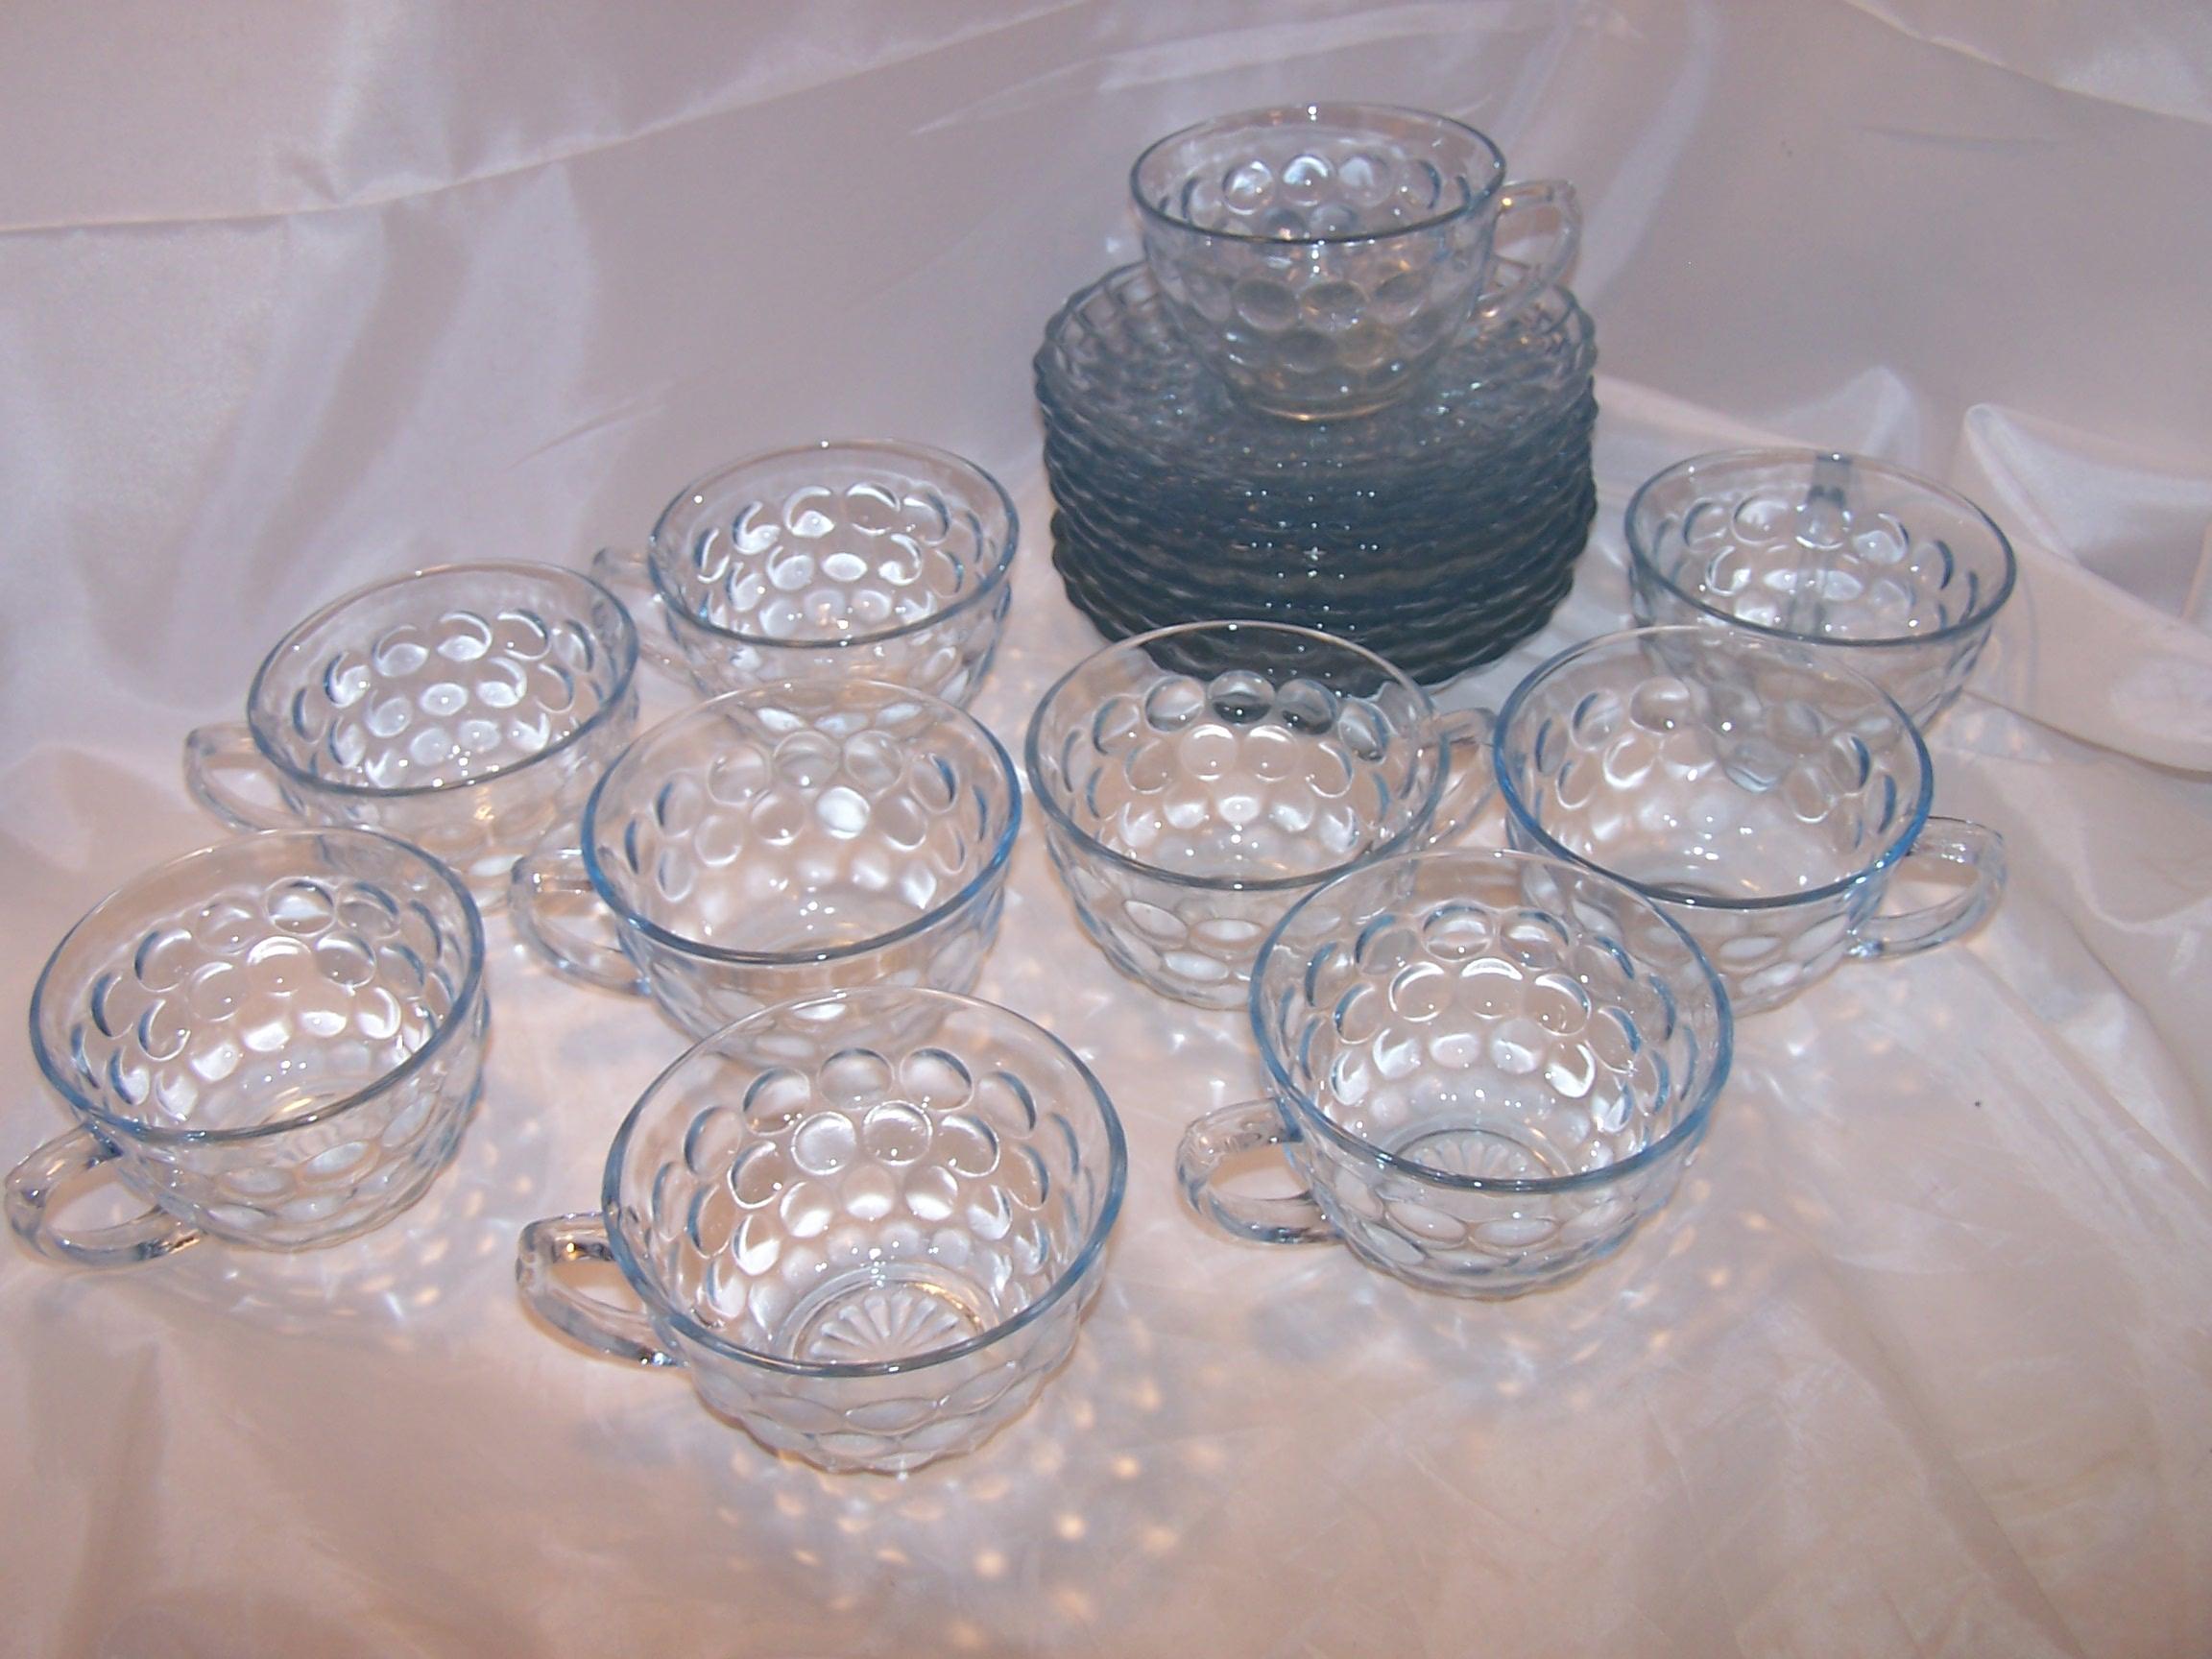 Image 7 of Hobnail Glass Teacup, Saucer Service for 10, Vintage